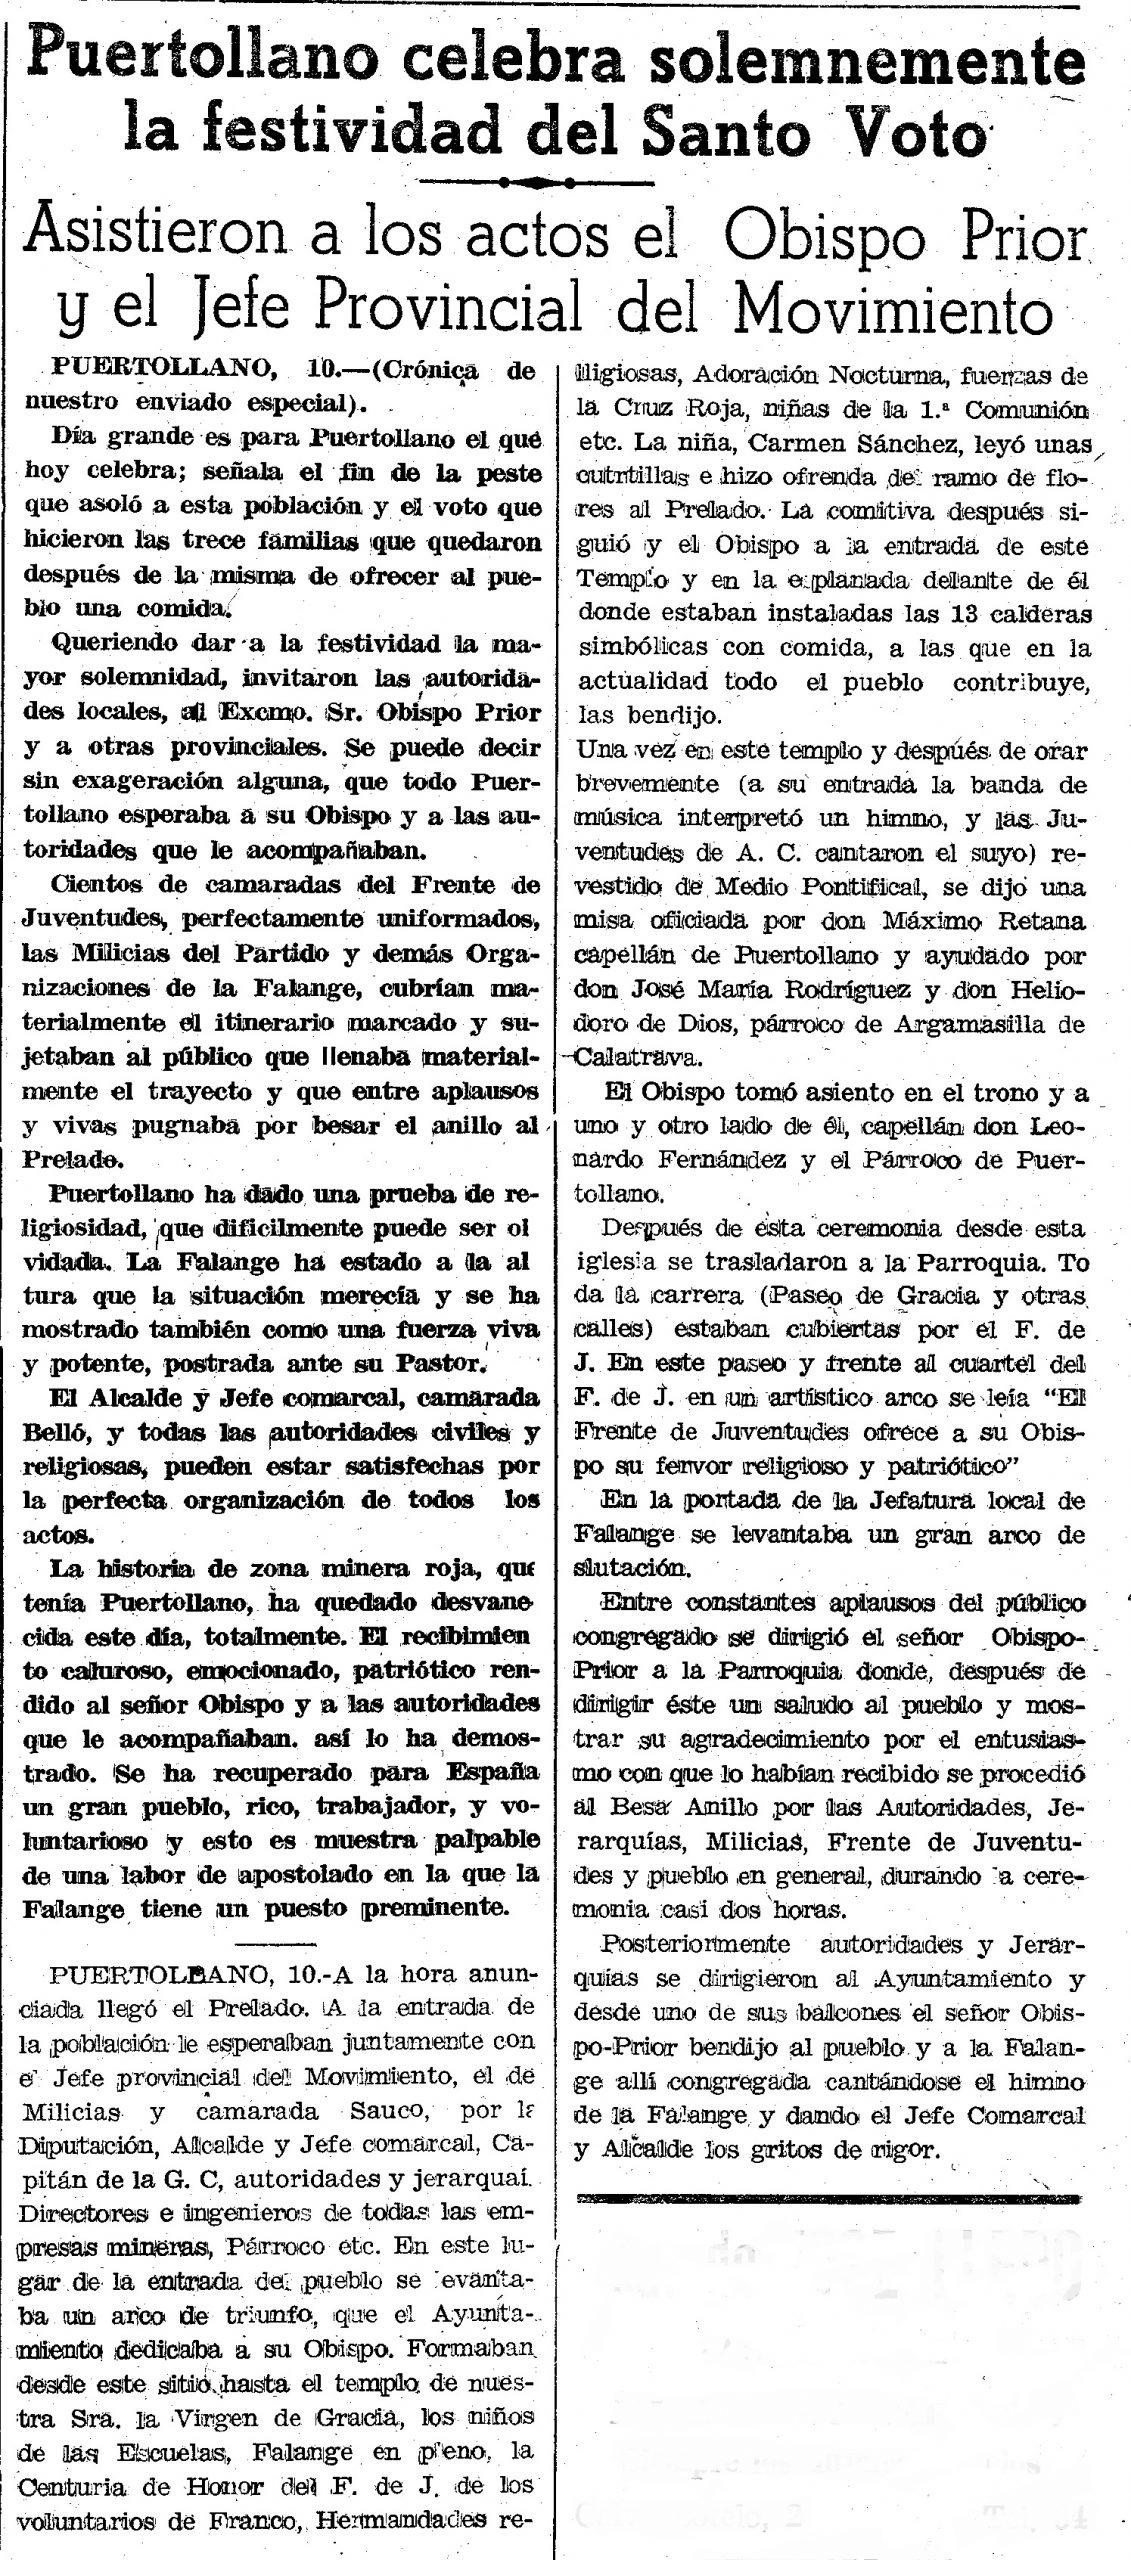 Artículo del periódico Lanza de 1943 sobre el Santo Voto